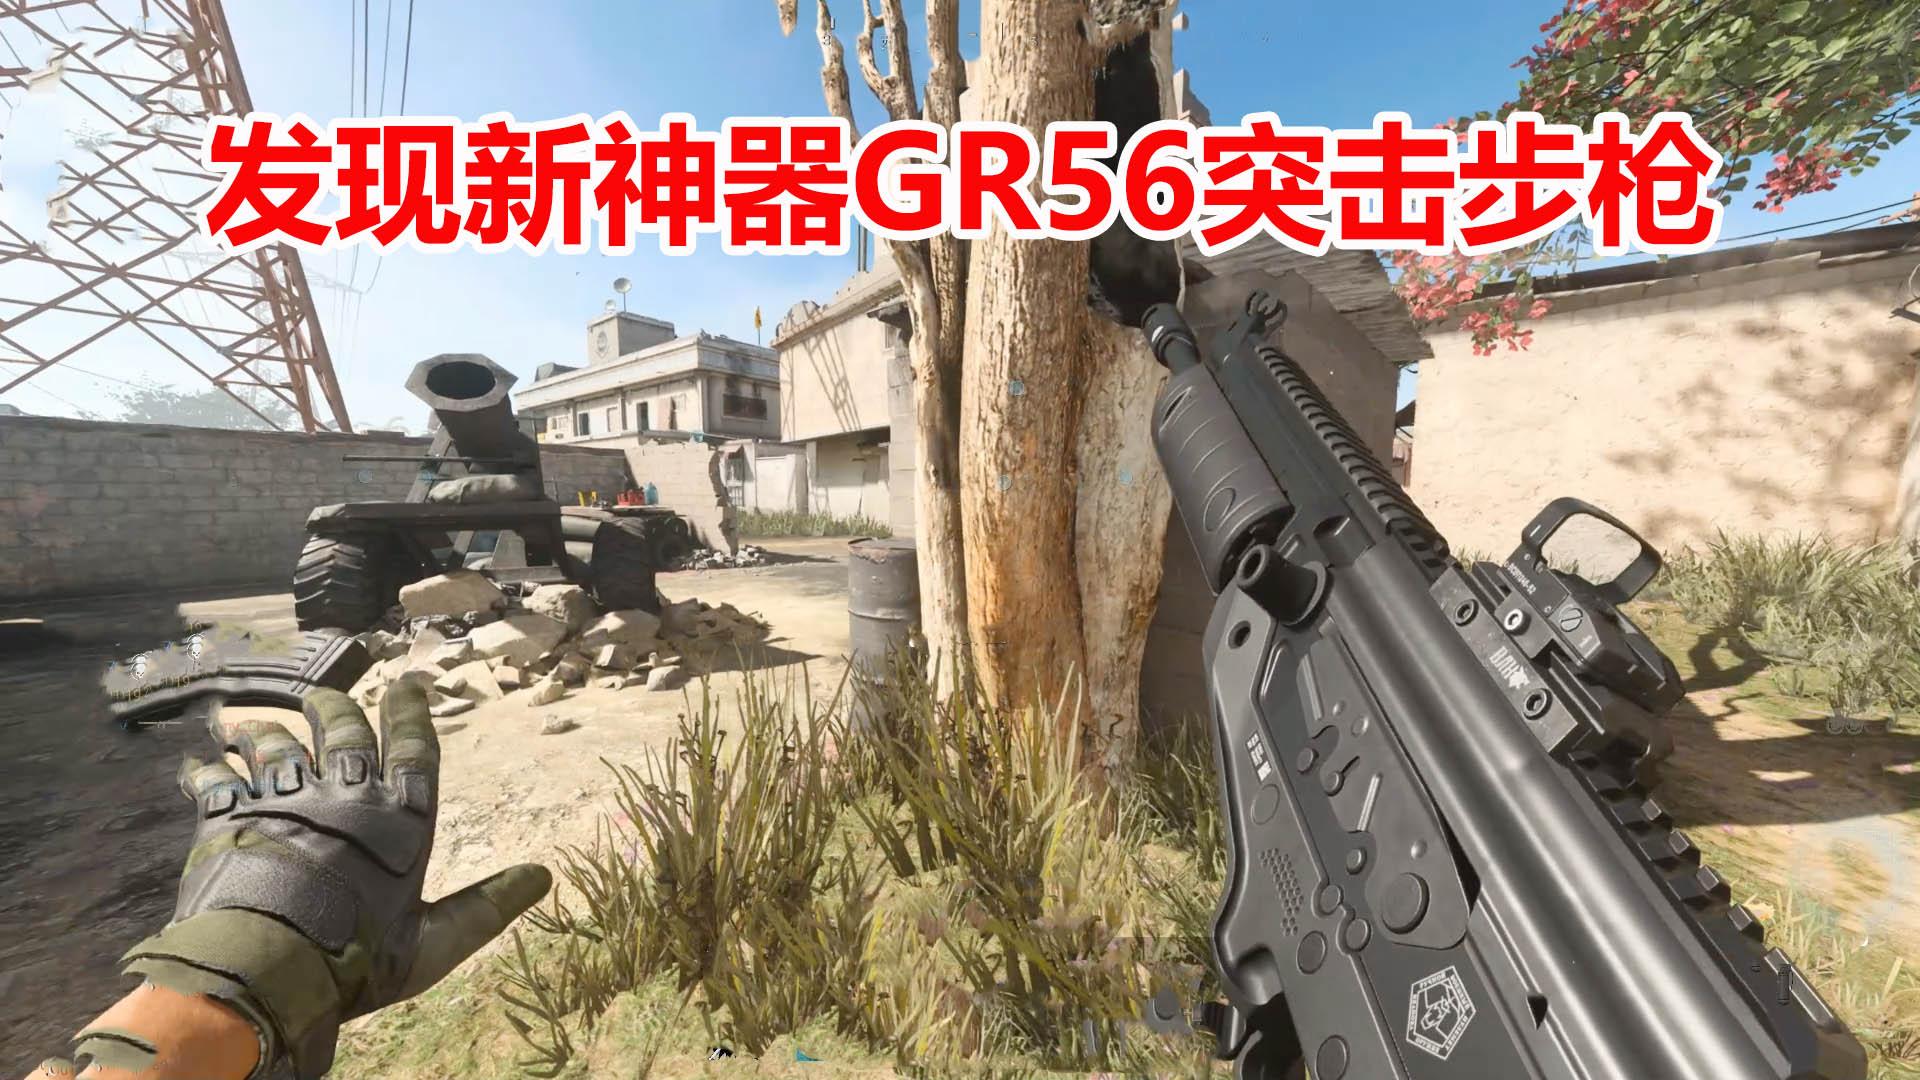 使命召唤16:GR56突击步枪,是把新的屠杀神器,拥有恐怖的杀伤力